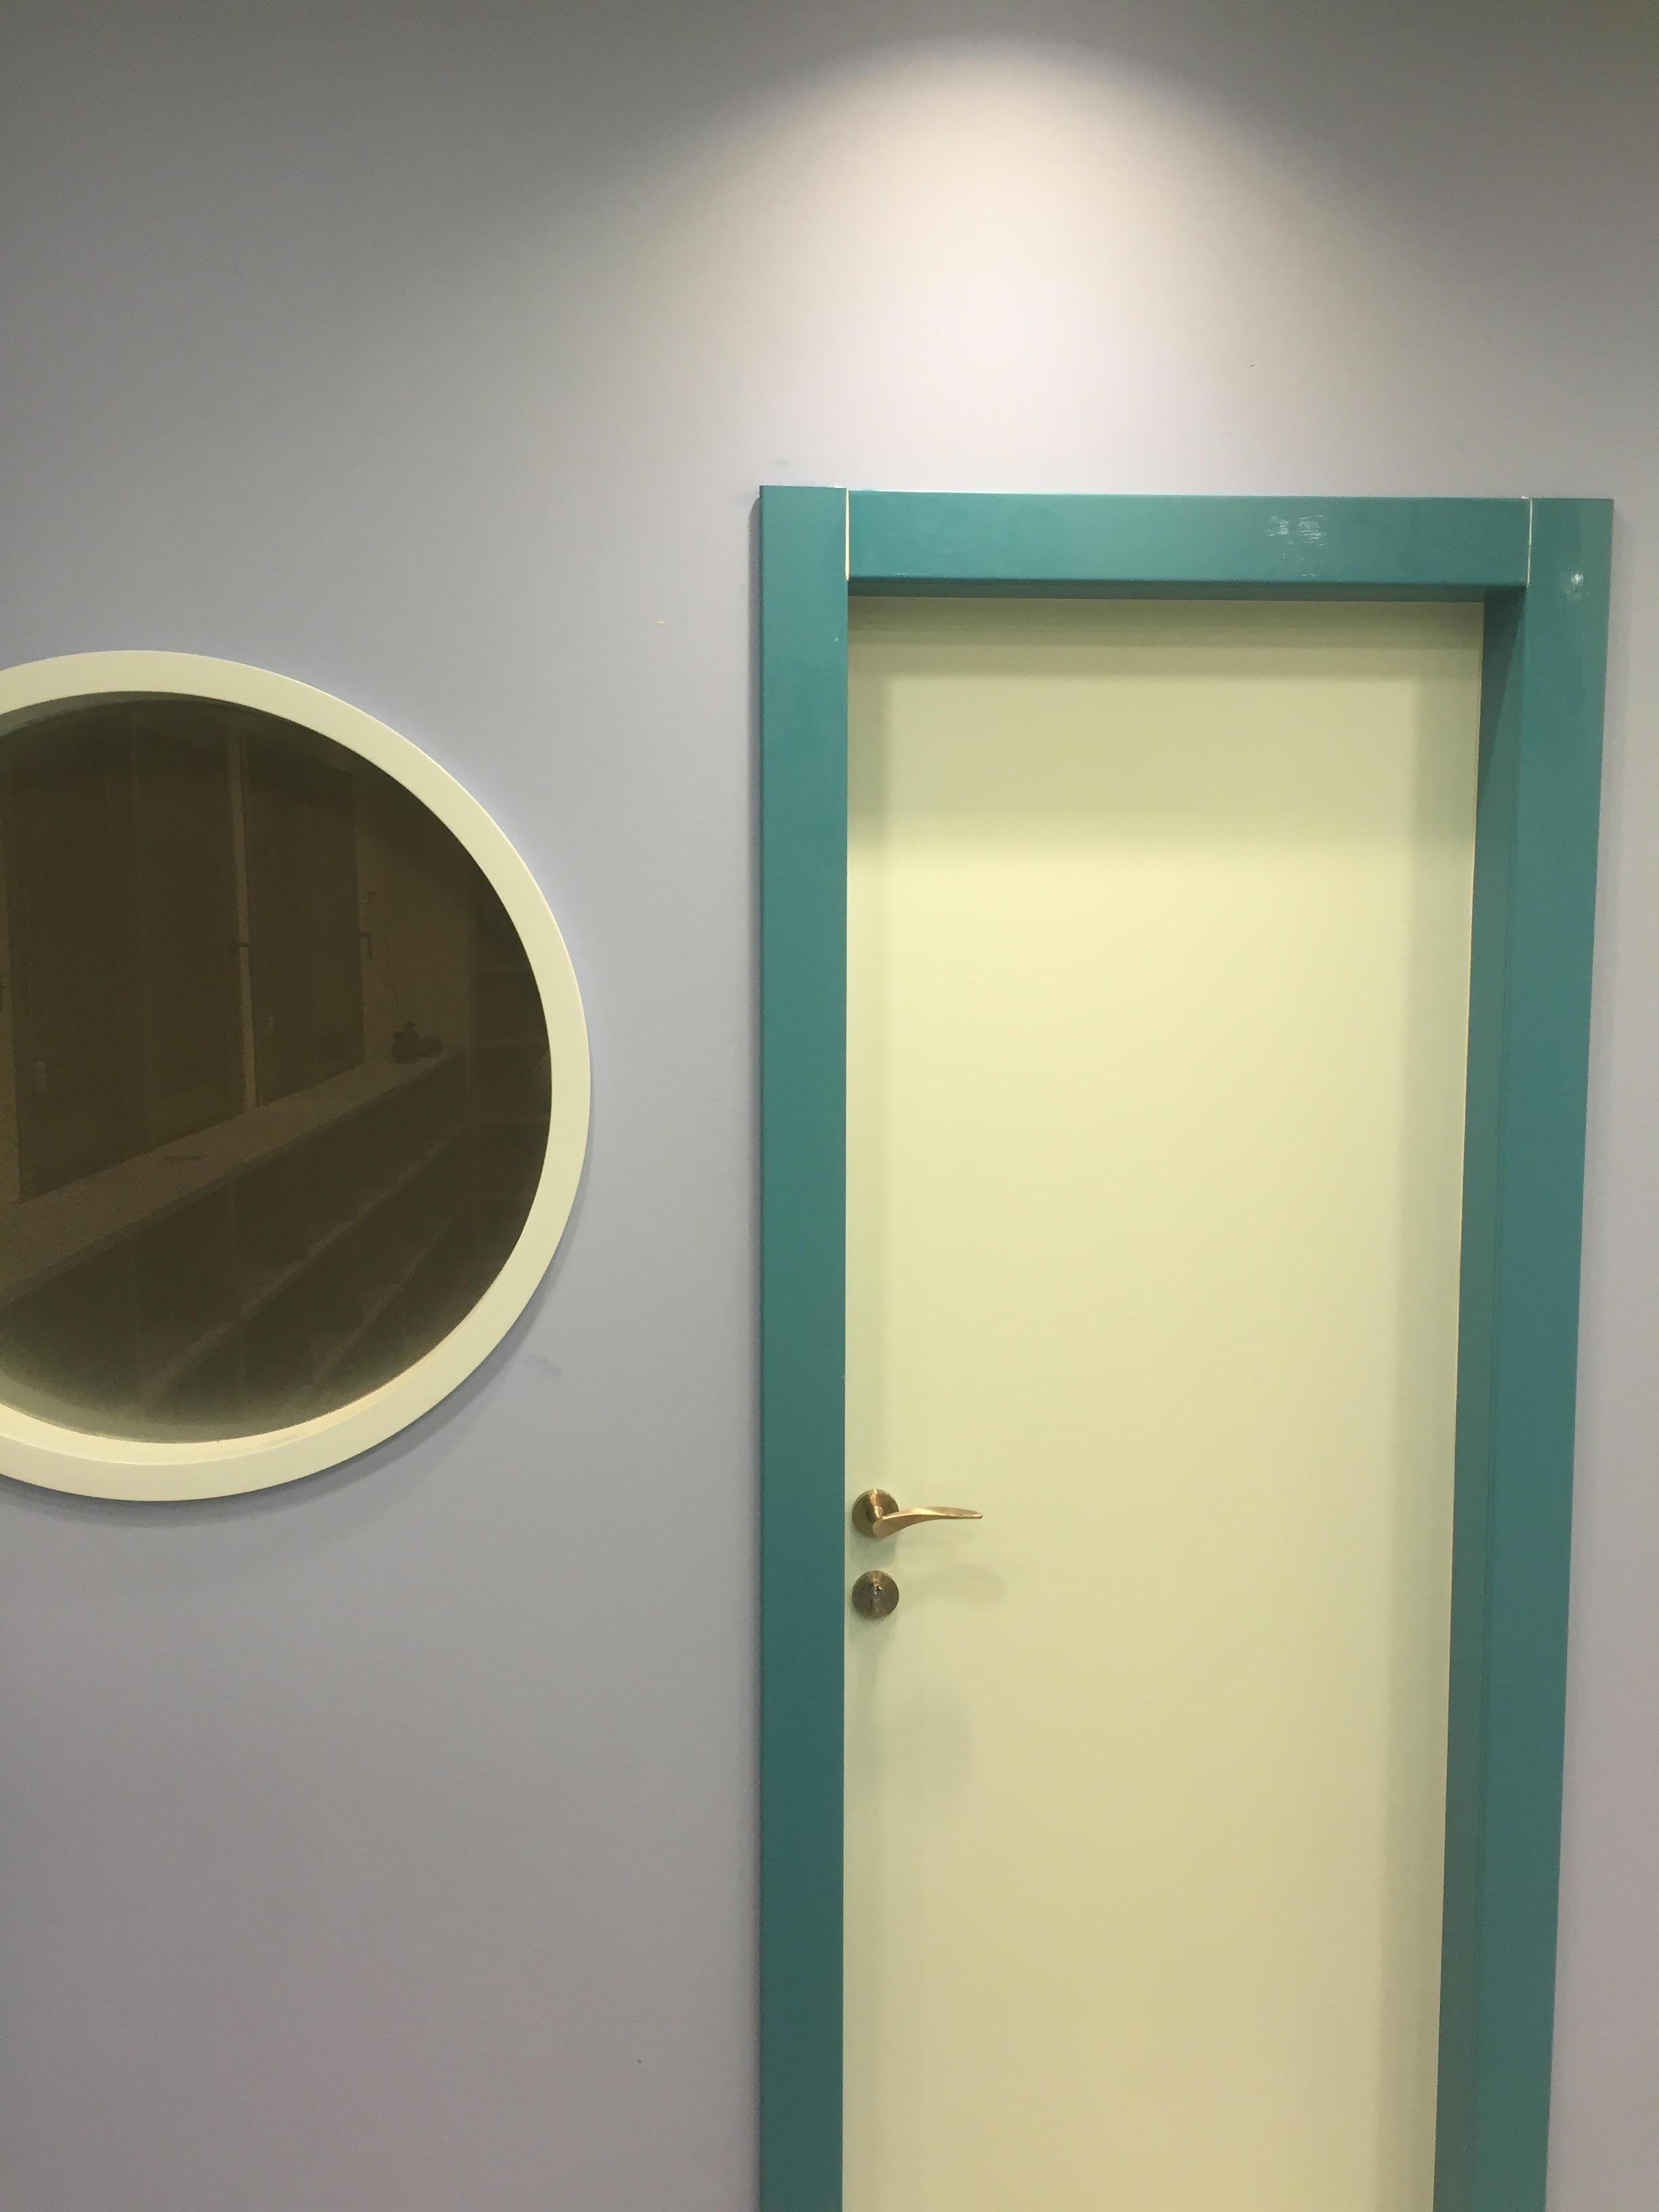 דלת למינטו בצבעים מיוחדים לקבלן יוסי בכר לספרייה בתל אביב